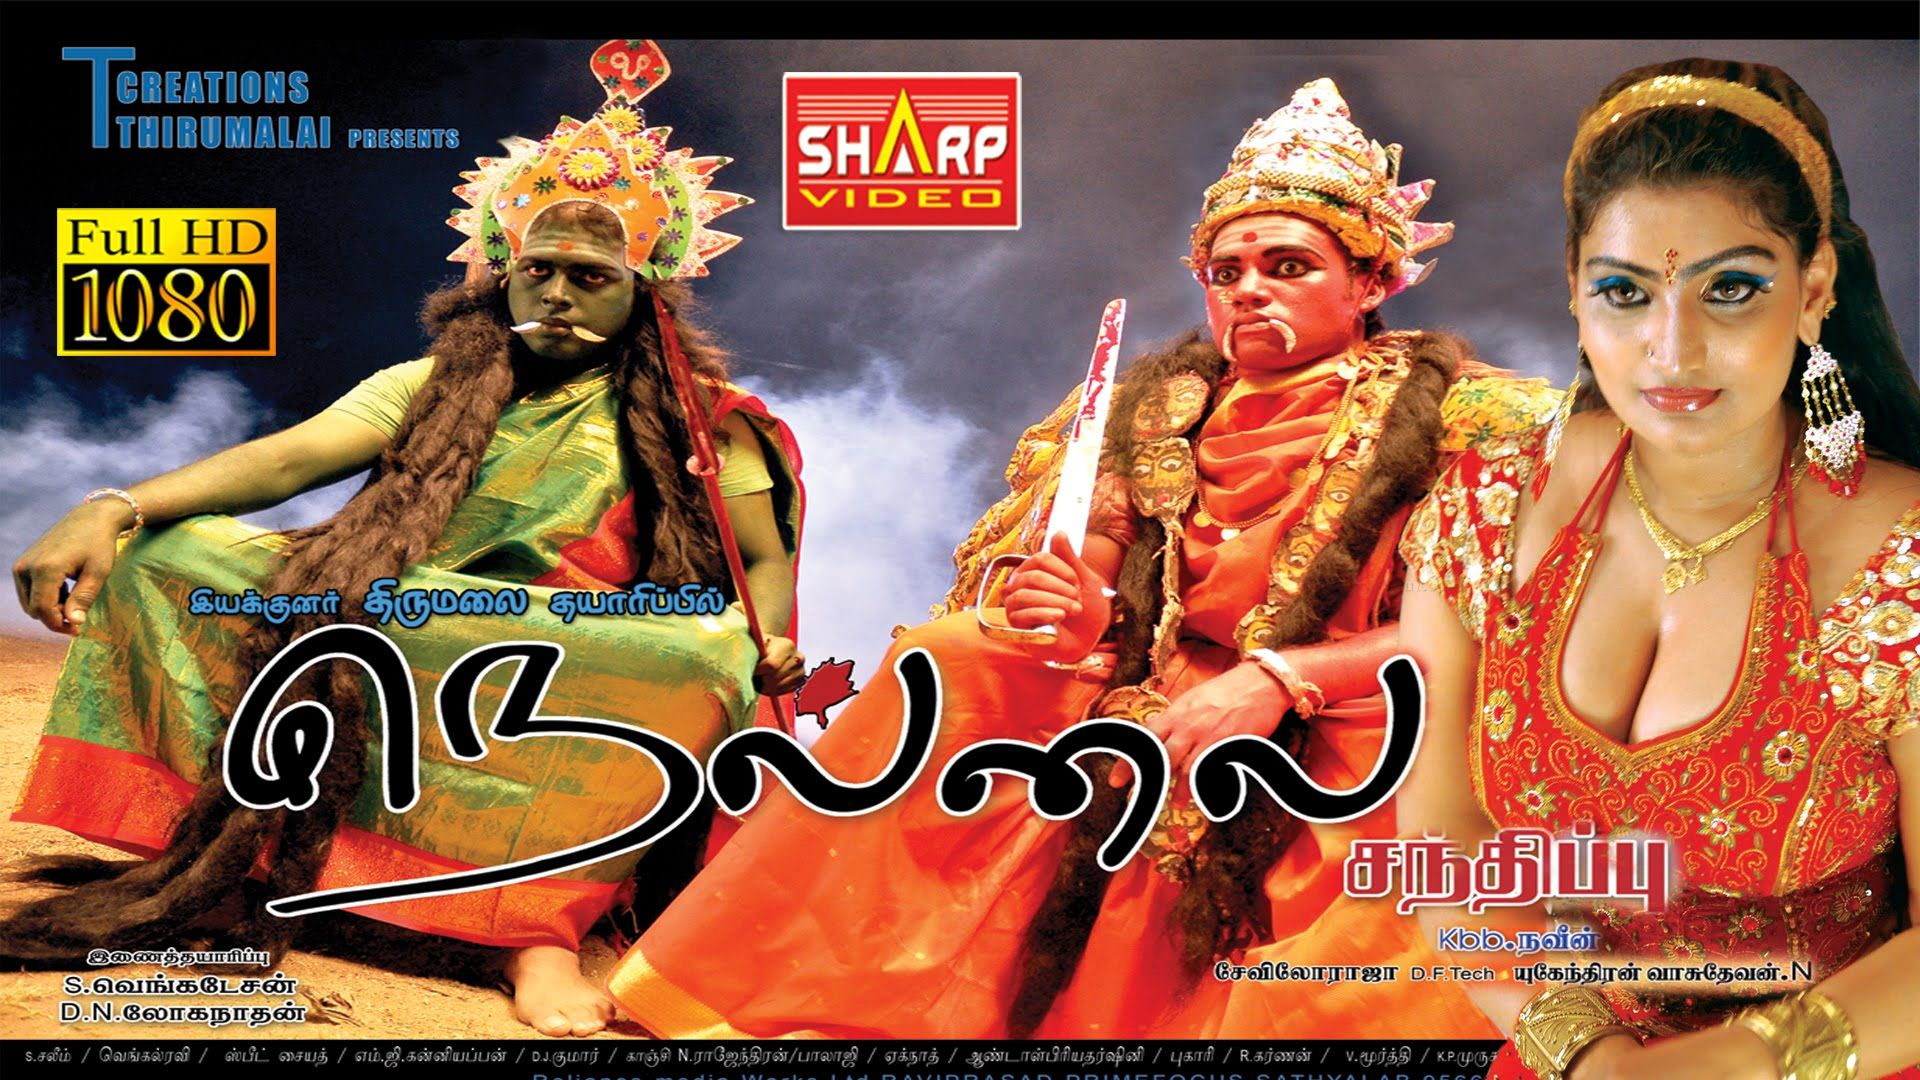 Nellaisanthippu Hd New Tamil Movie Babilona Hot